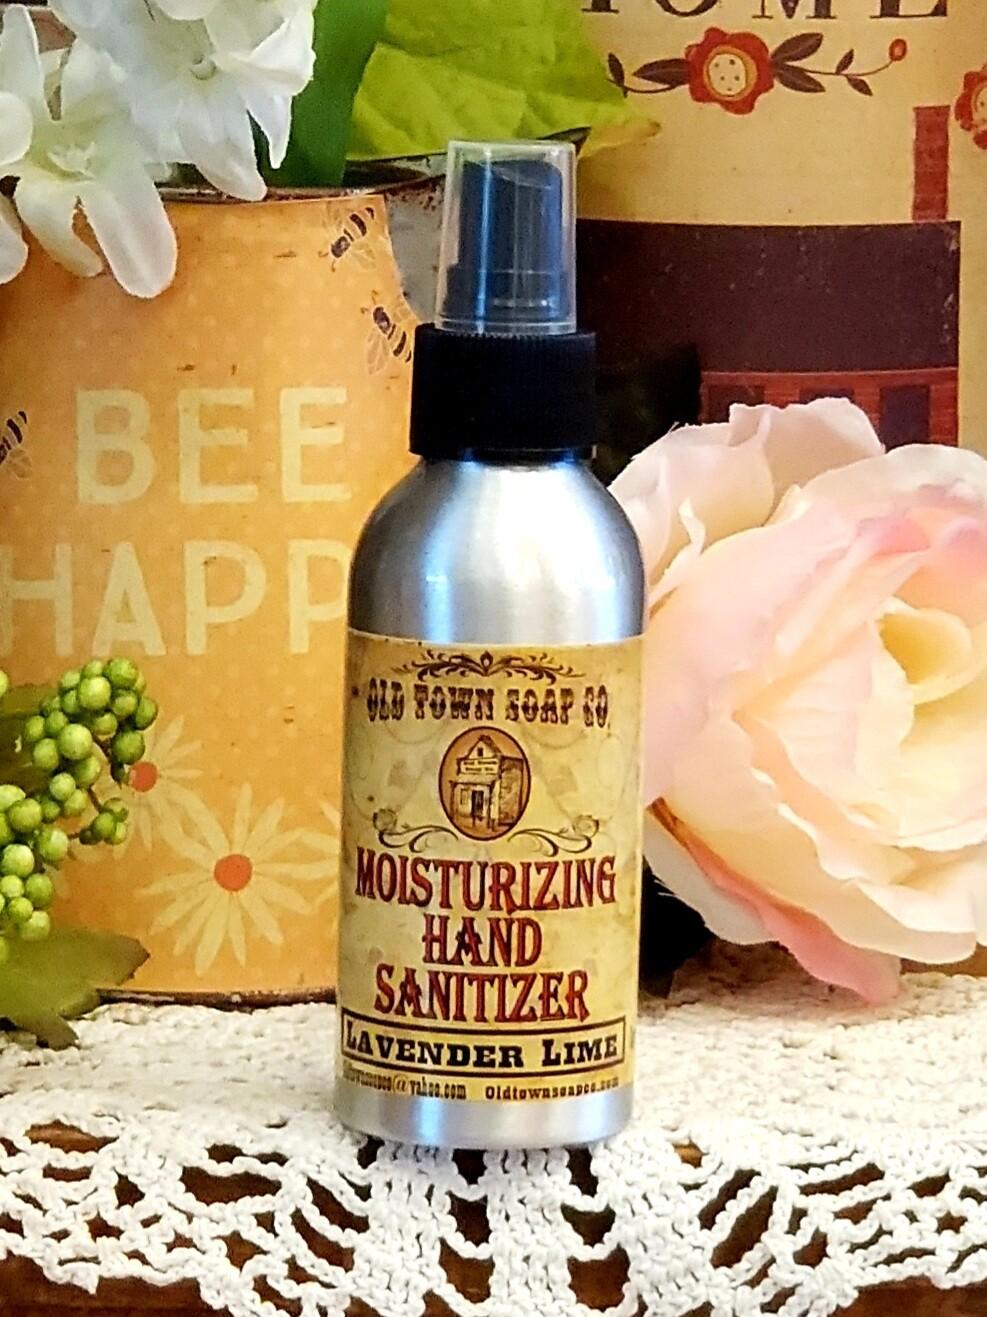 Lavender Lime 4oz Hand Sanitizer